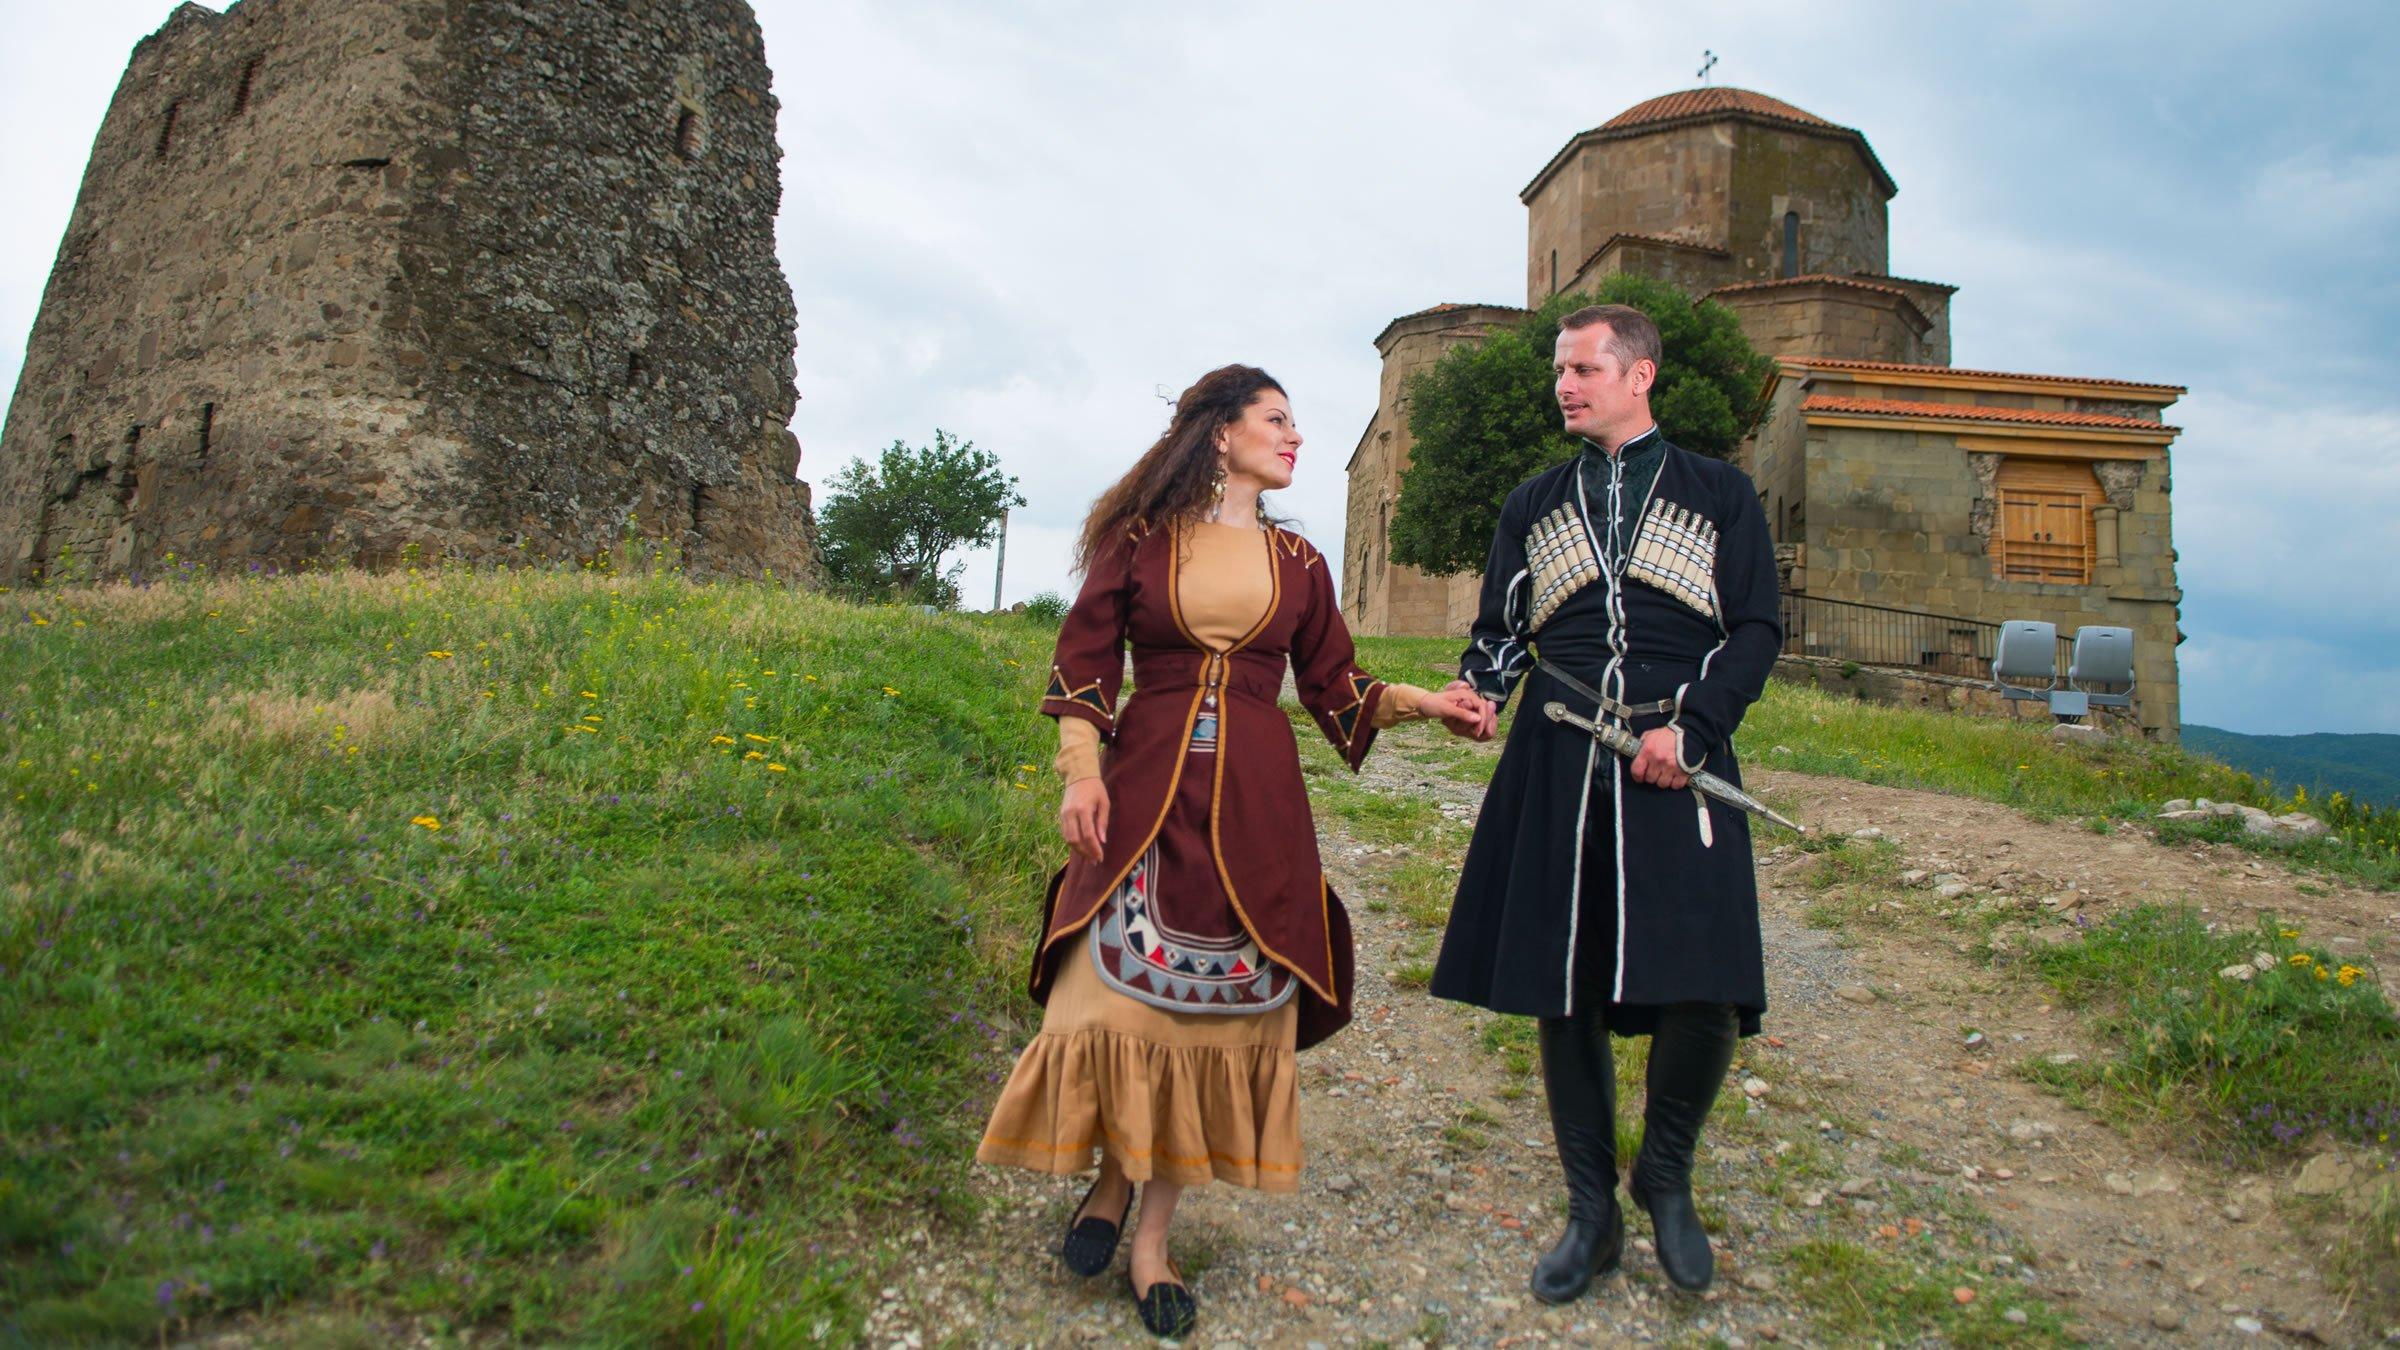 bd4615dc1a Cómo es la vestimenta típica europea para hombre y mujer